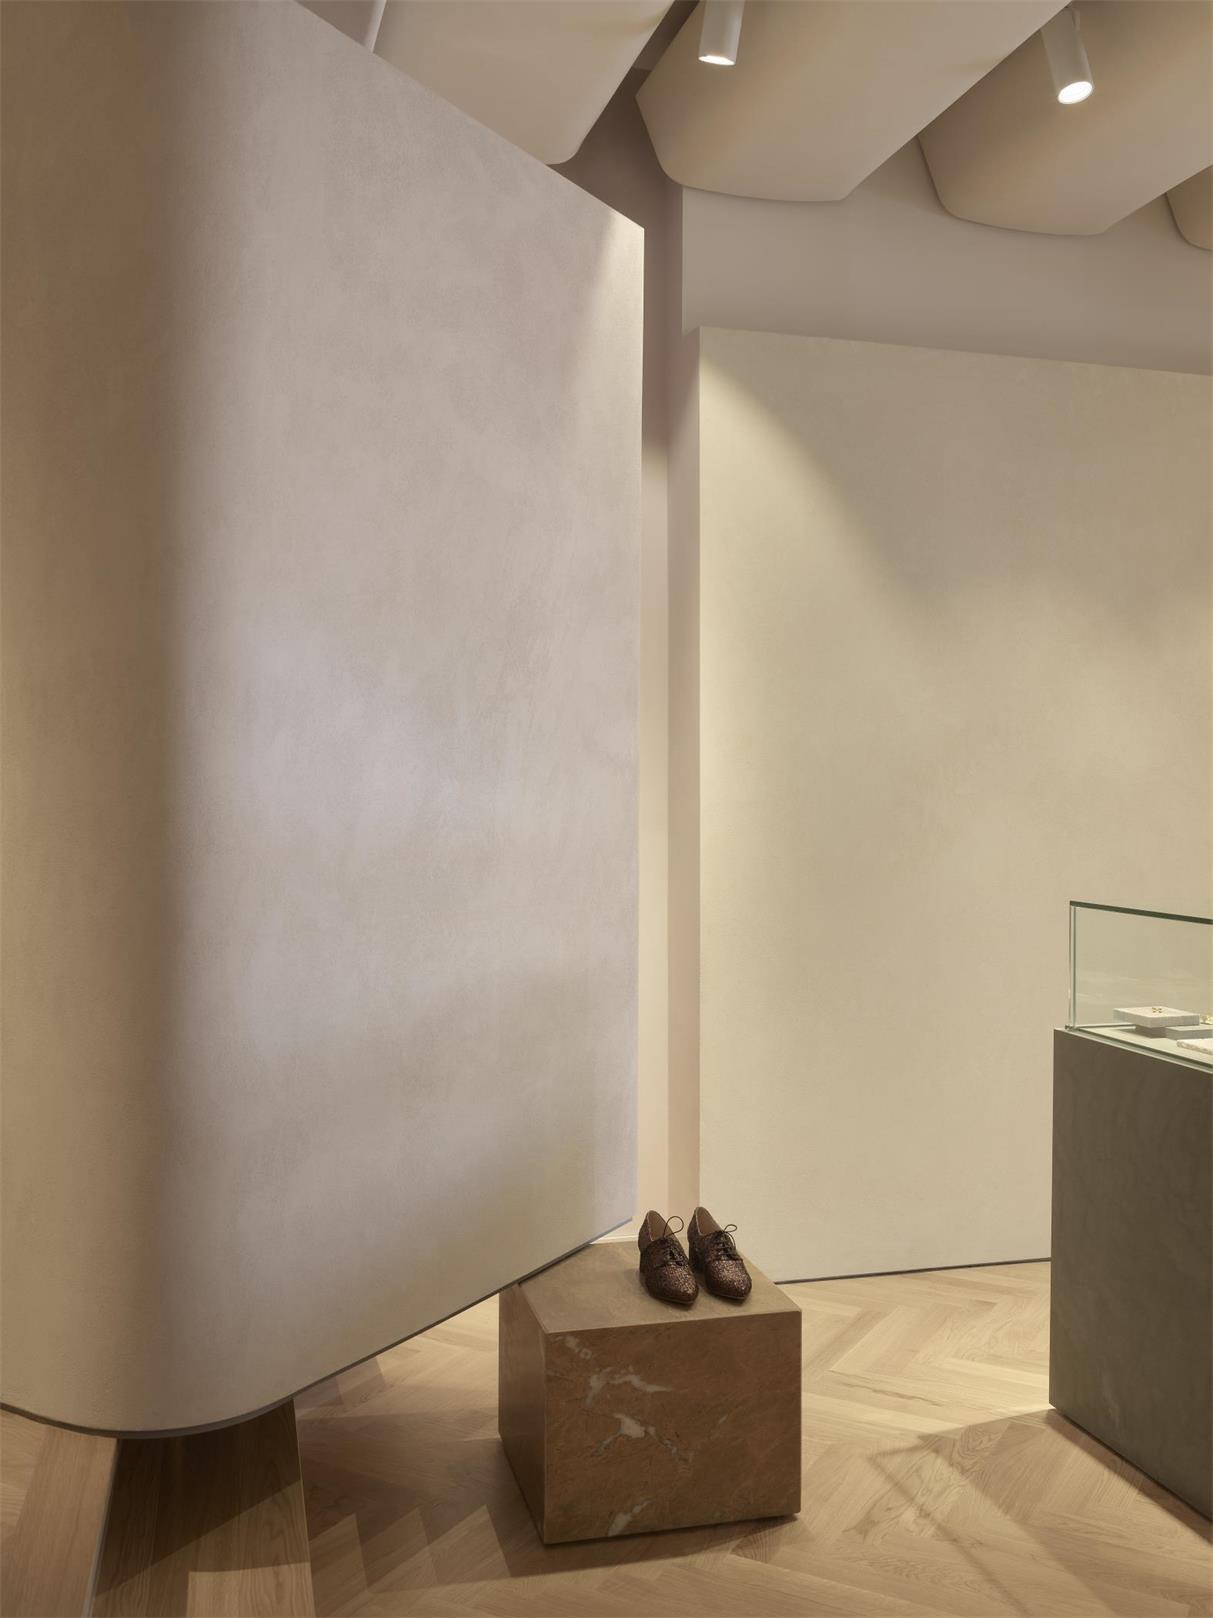 服装店弧形造型墙与展台结合的设计